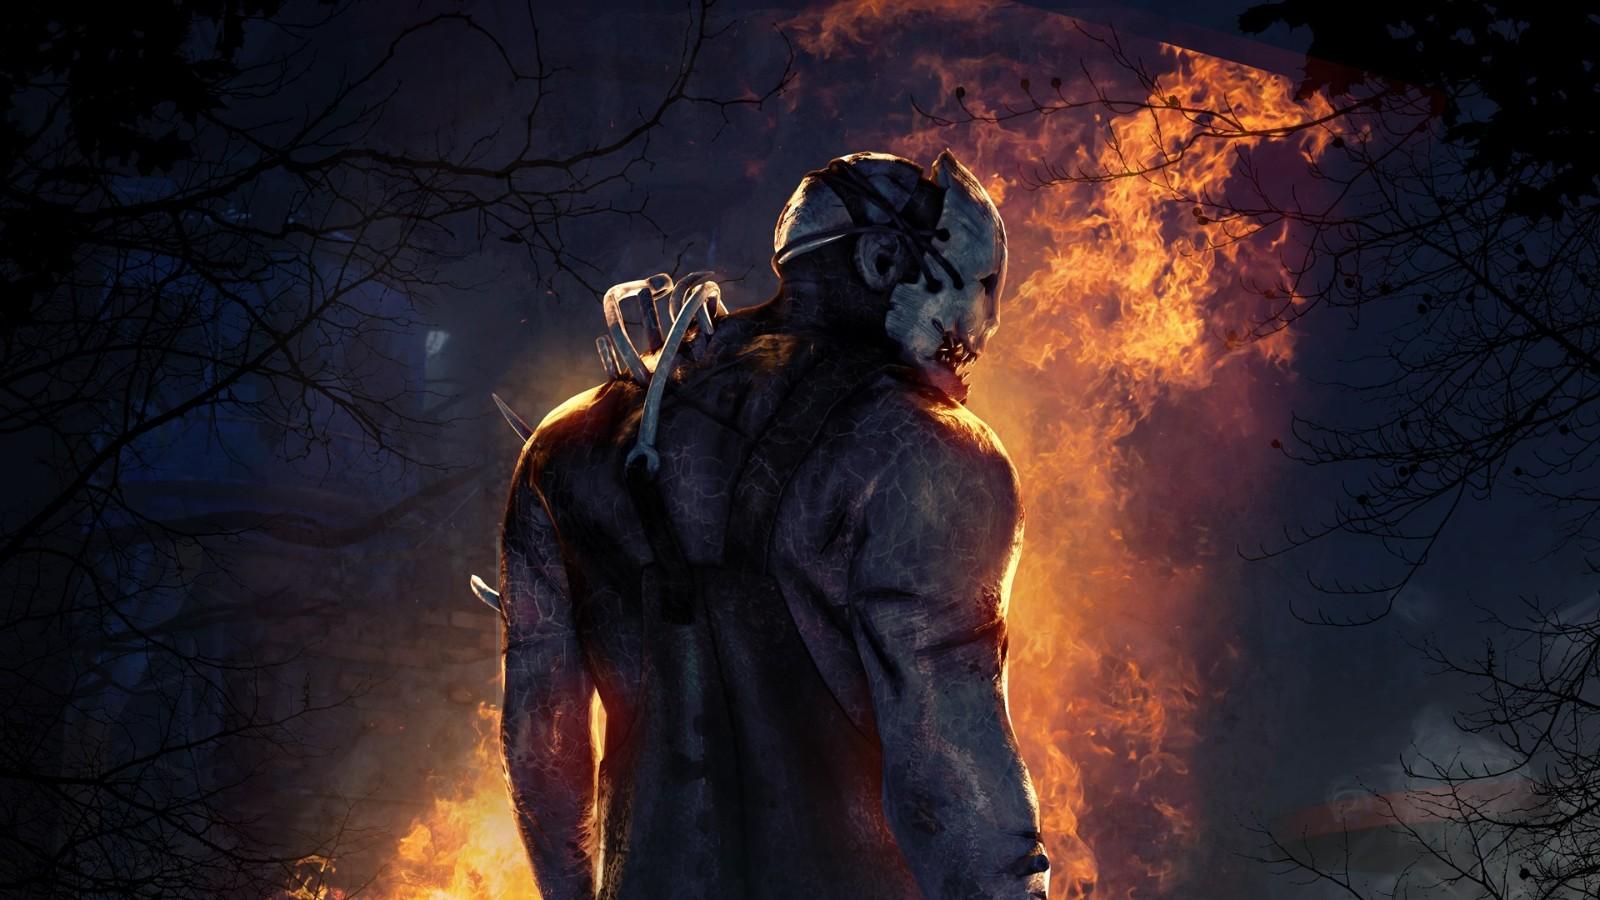 非平衡对战游戏《黎明杀机》将于9月26日发售Switch版